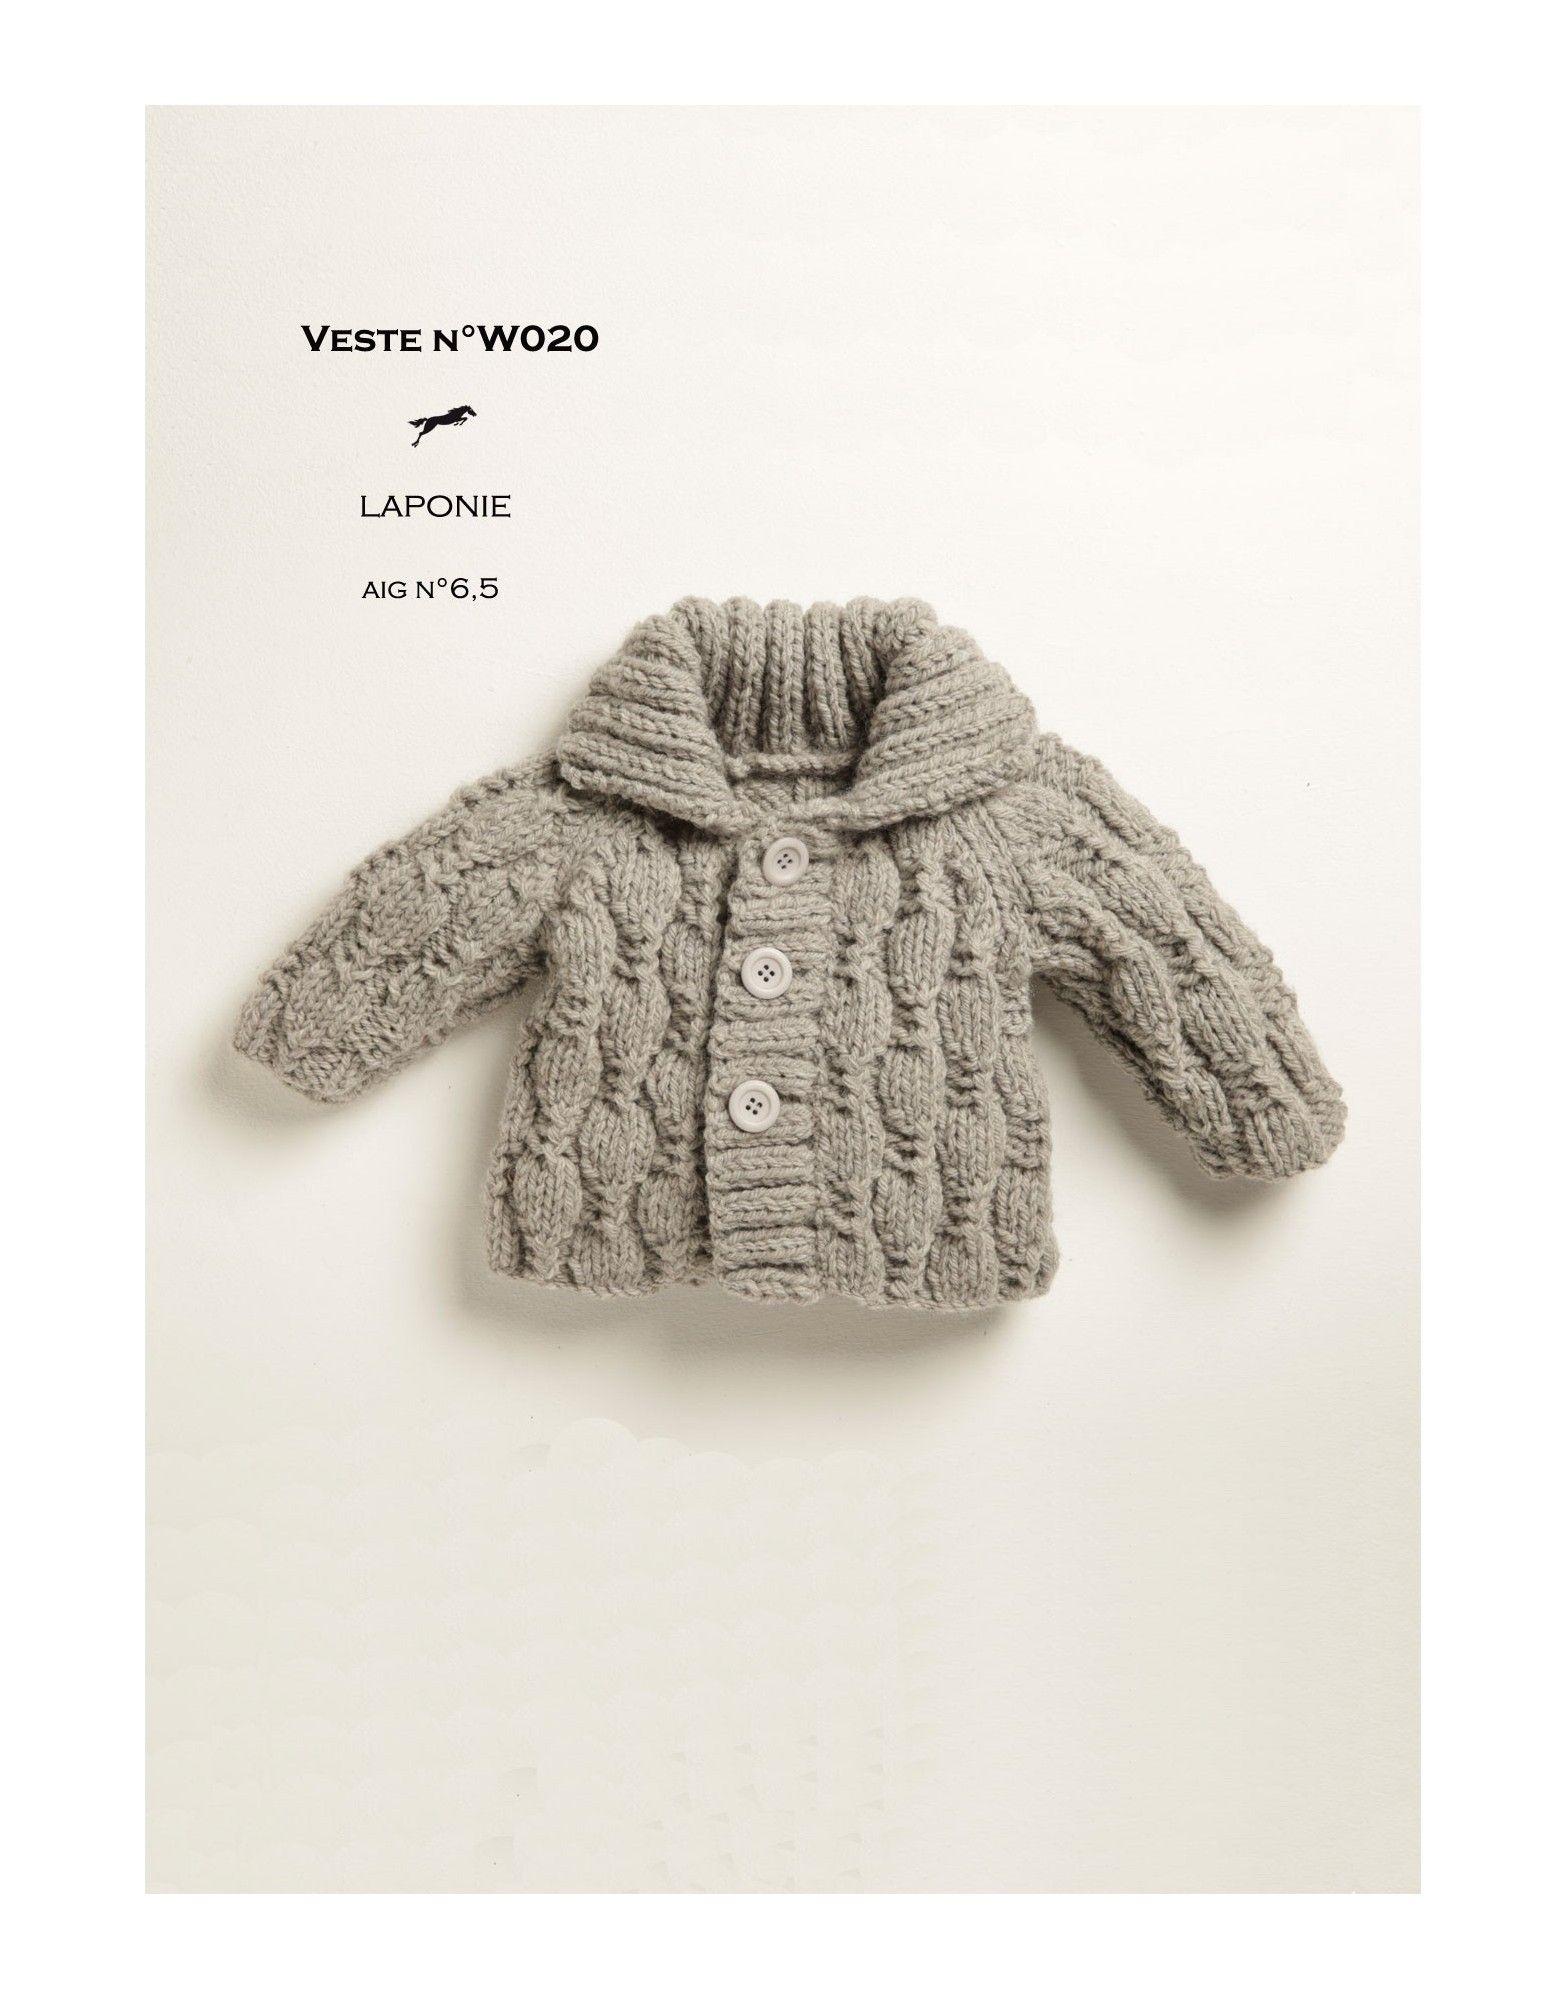 Modèle Veste W020 Cheval Blanc - Patron tricot gratuit | Baby/Child ...